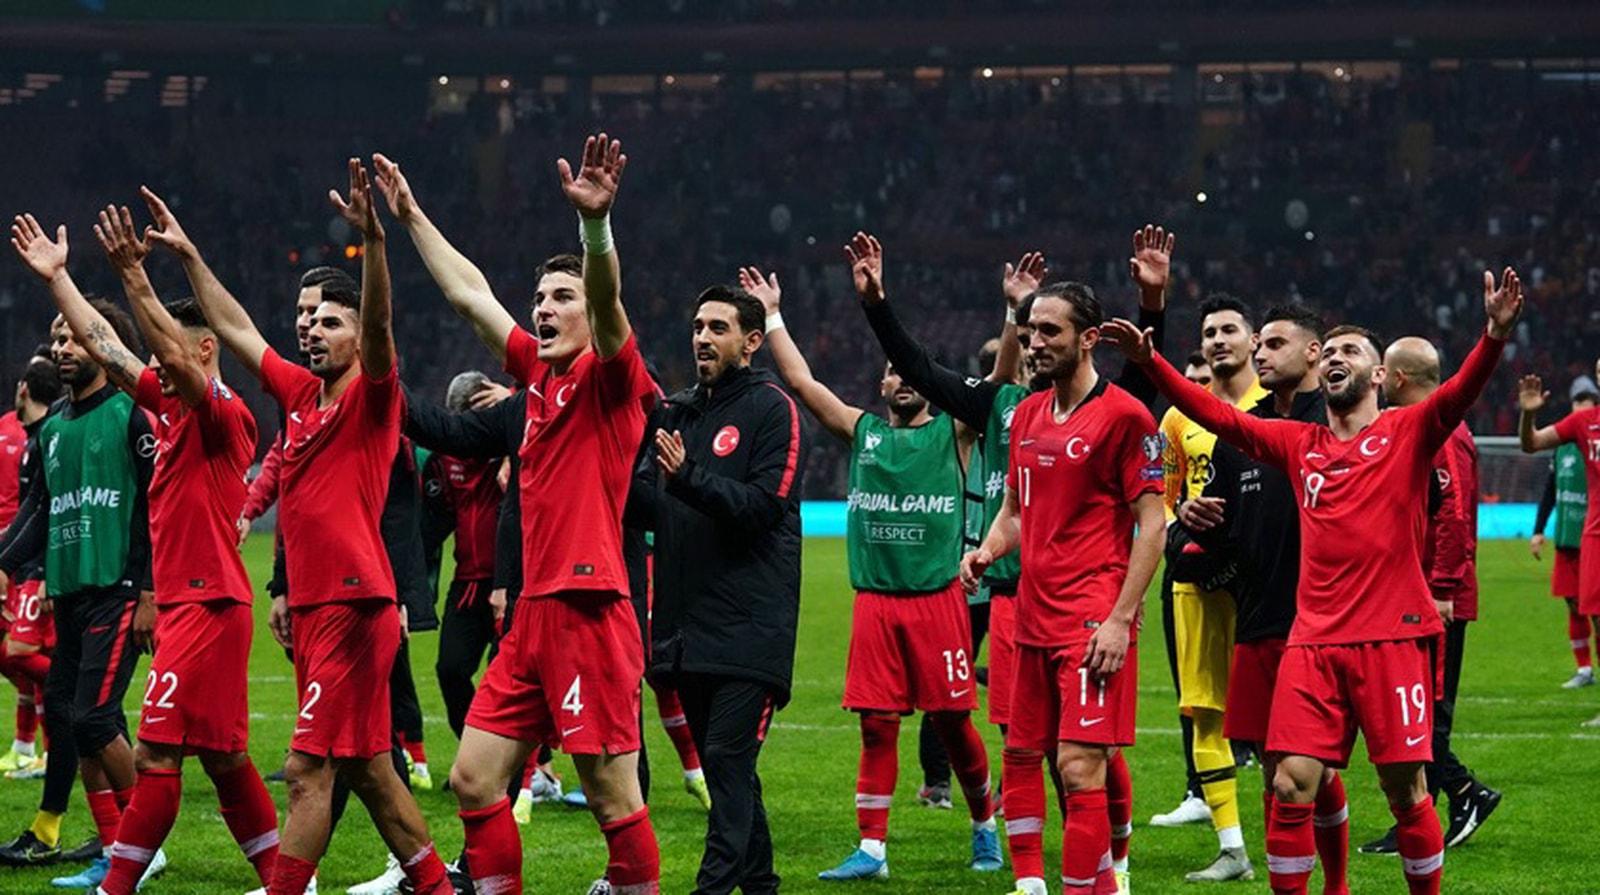 Türk Milli Takımı Avrupa 2020 yi Garantiledi!